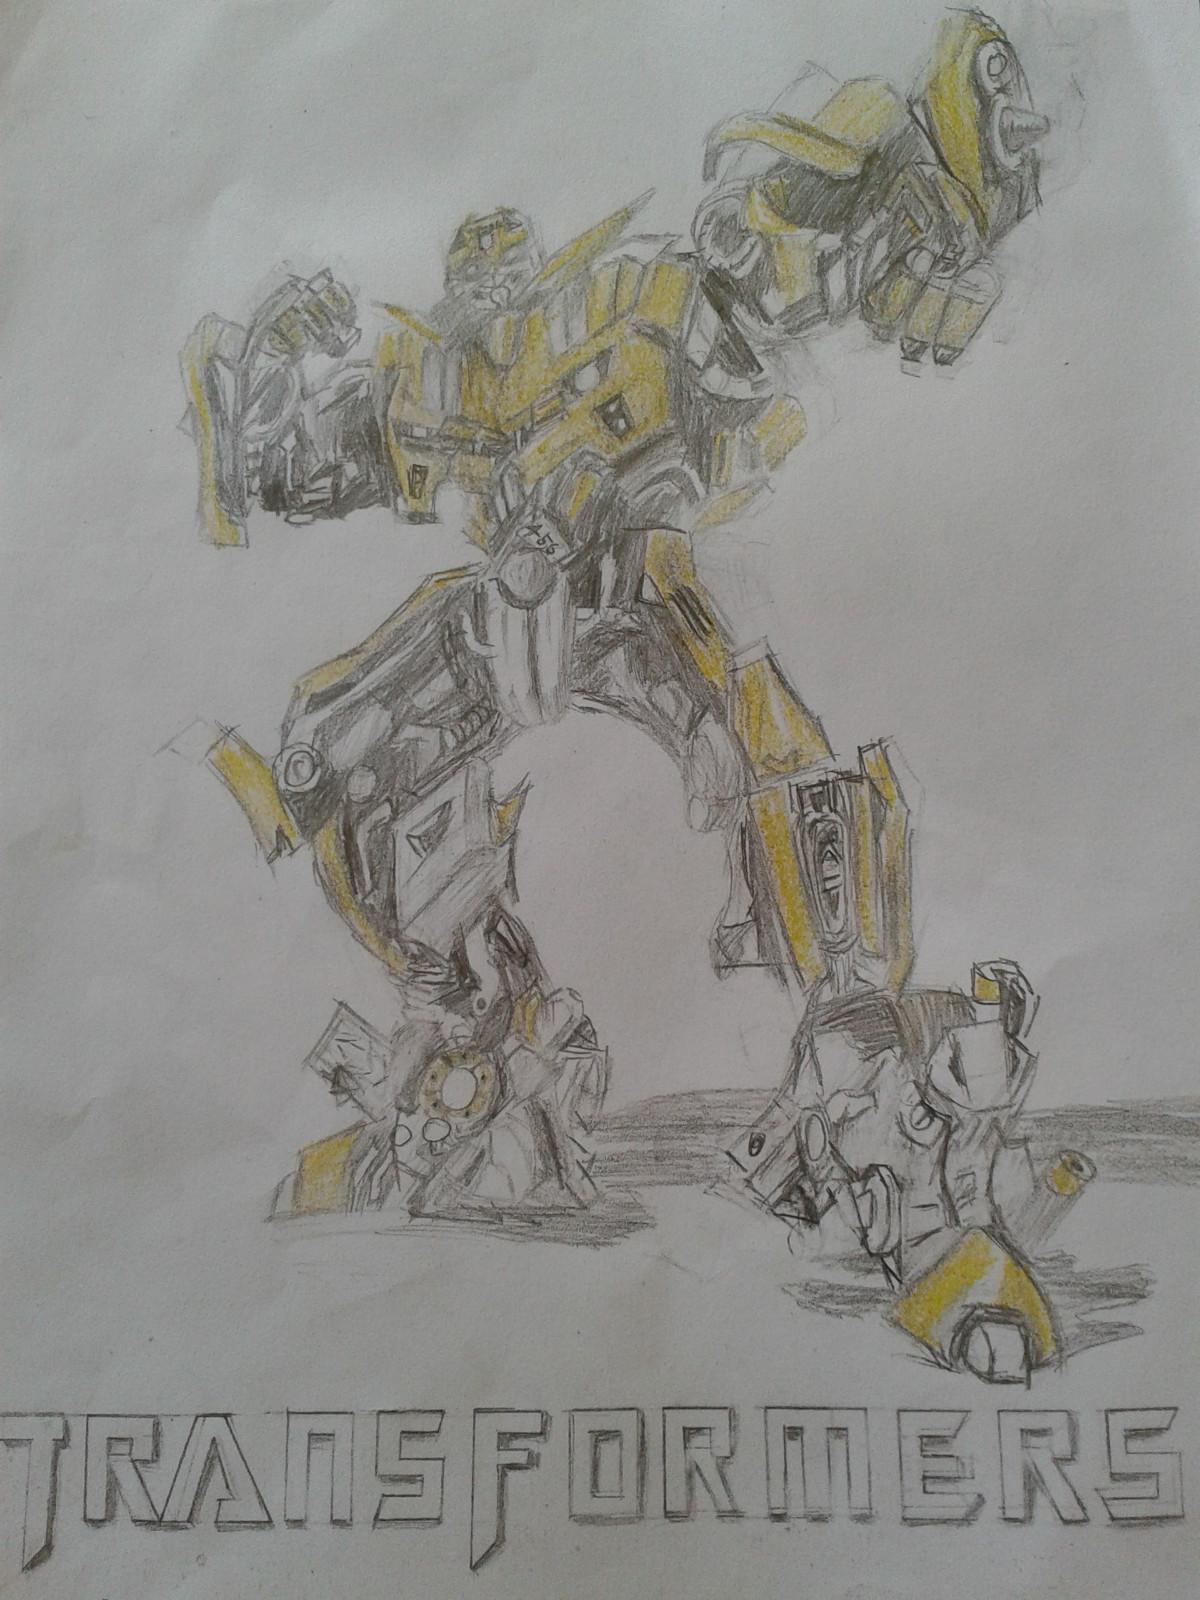 来自于 小学生素描变形金刚大黄蜂 的照片高清图片